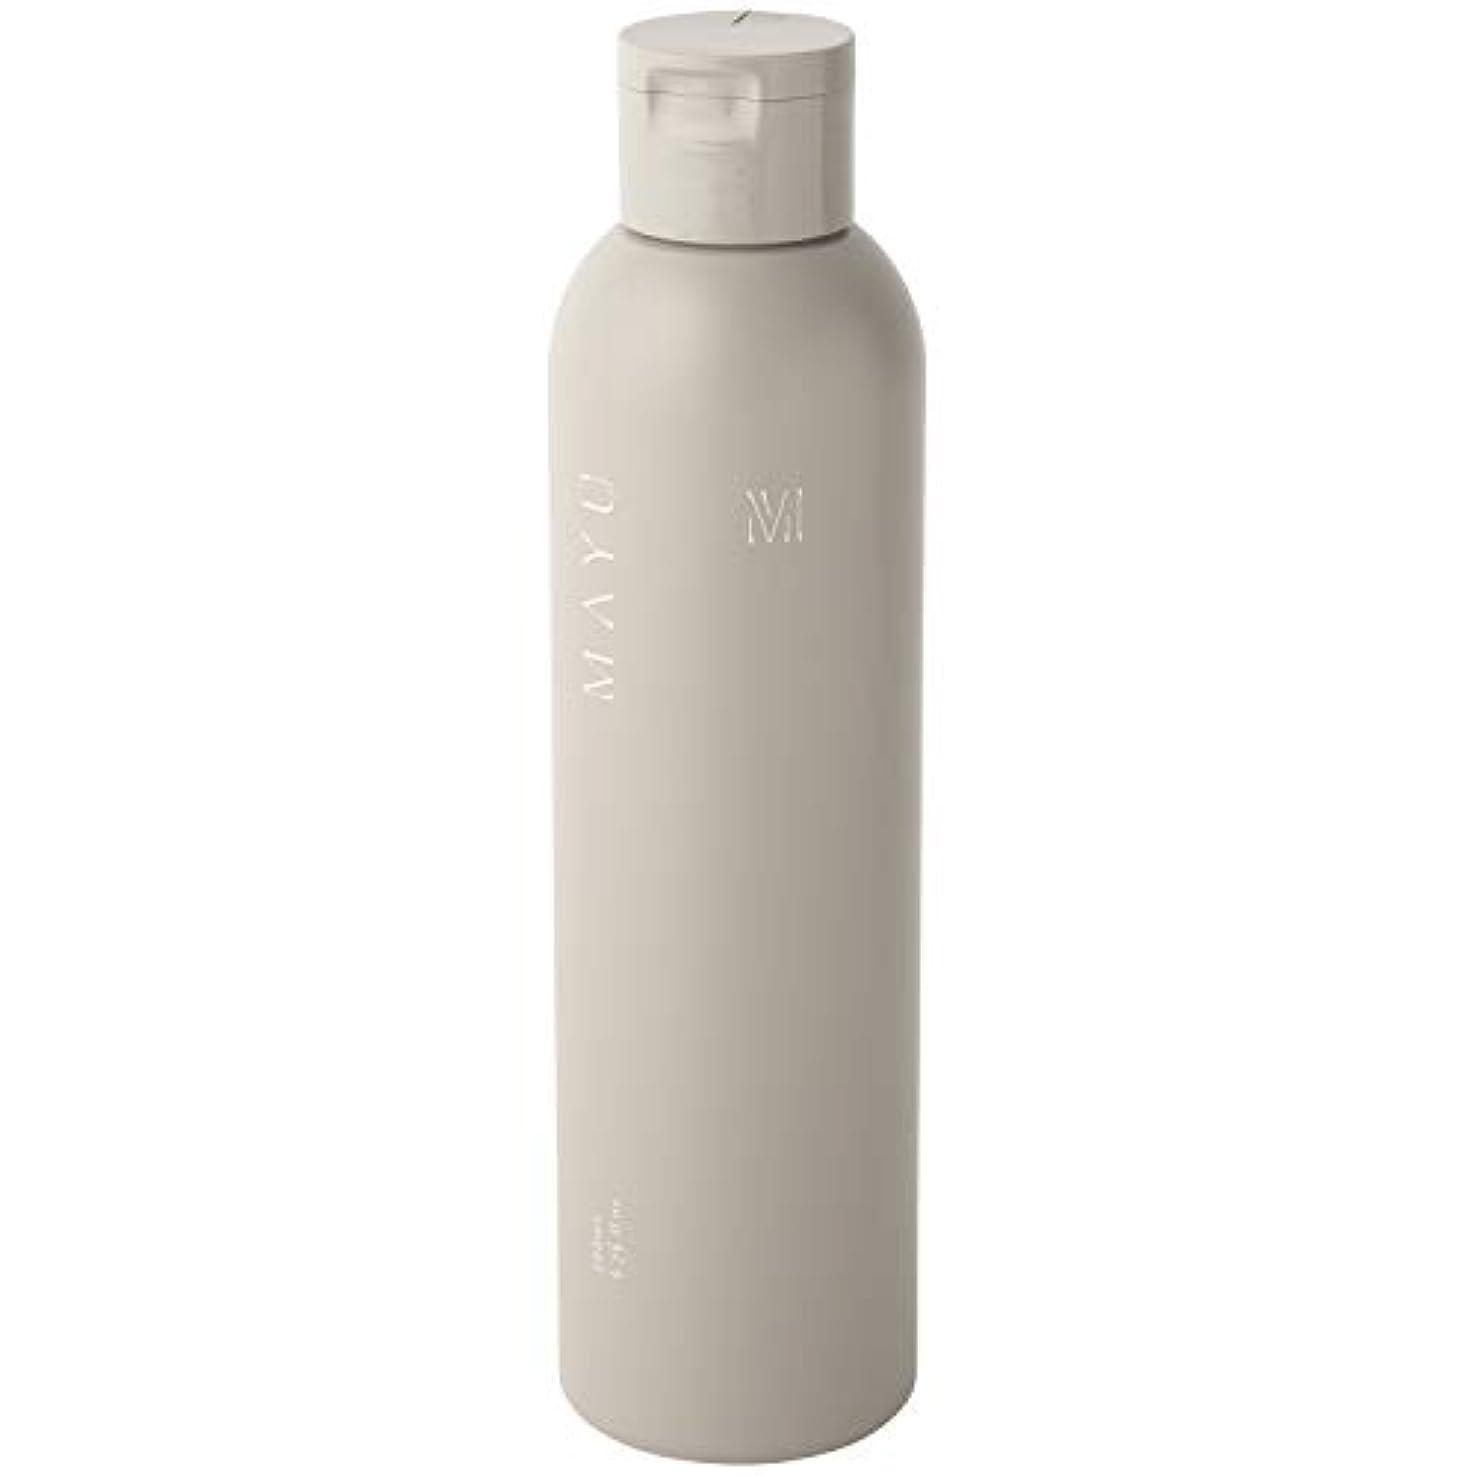 貞クラッチ膨張する【365Plus】 MAYU さくらの香りシャンプー (200ml) 1本入り